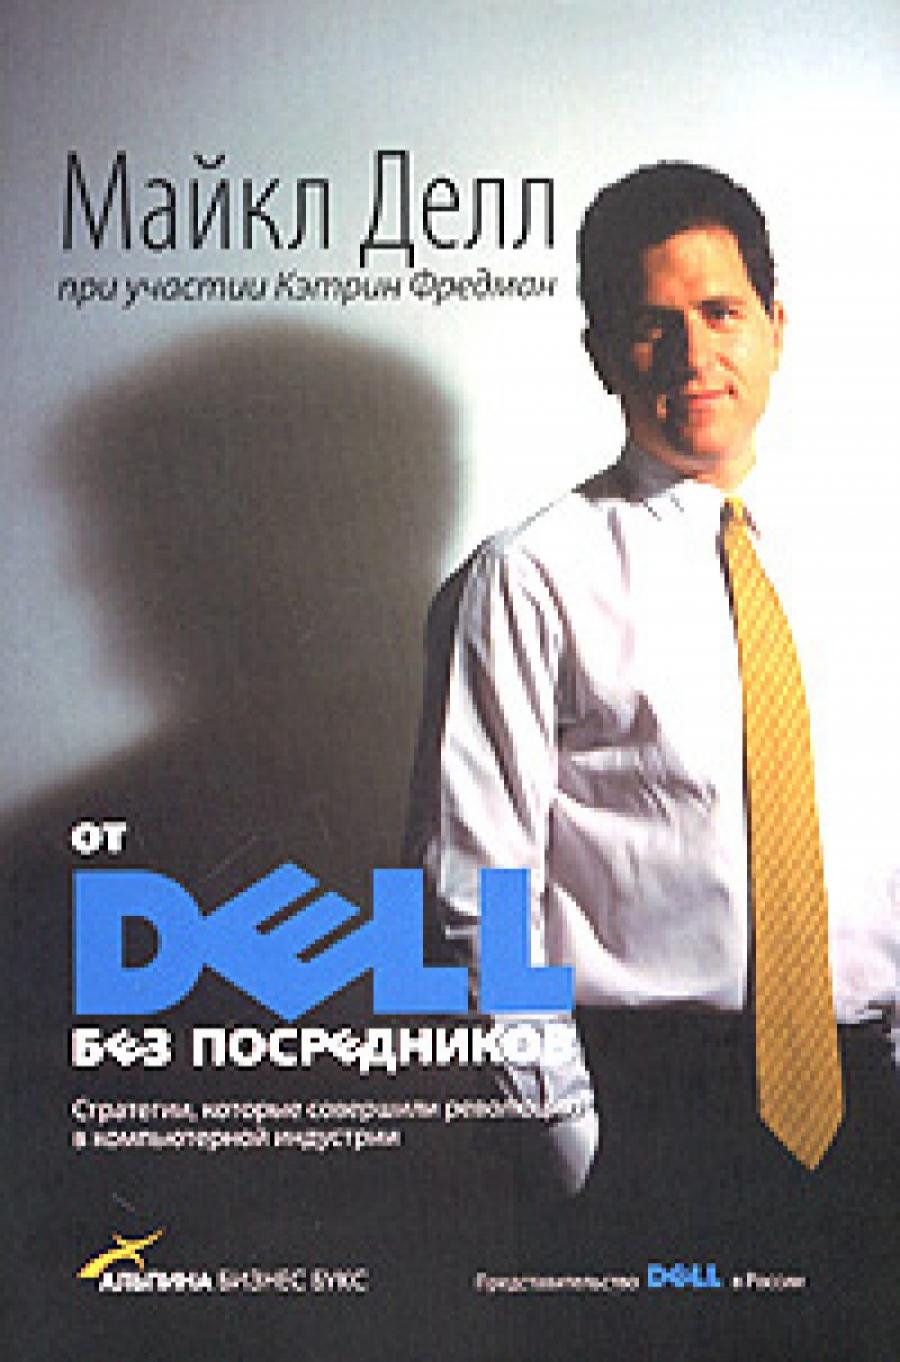 Обложка книги:  майкл делл - от dell без посредников